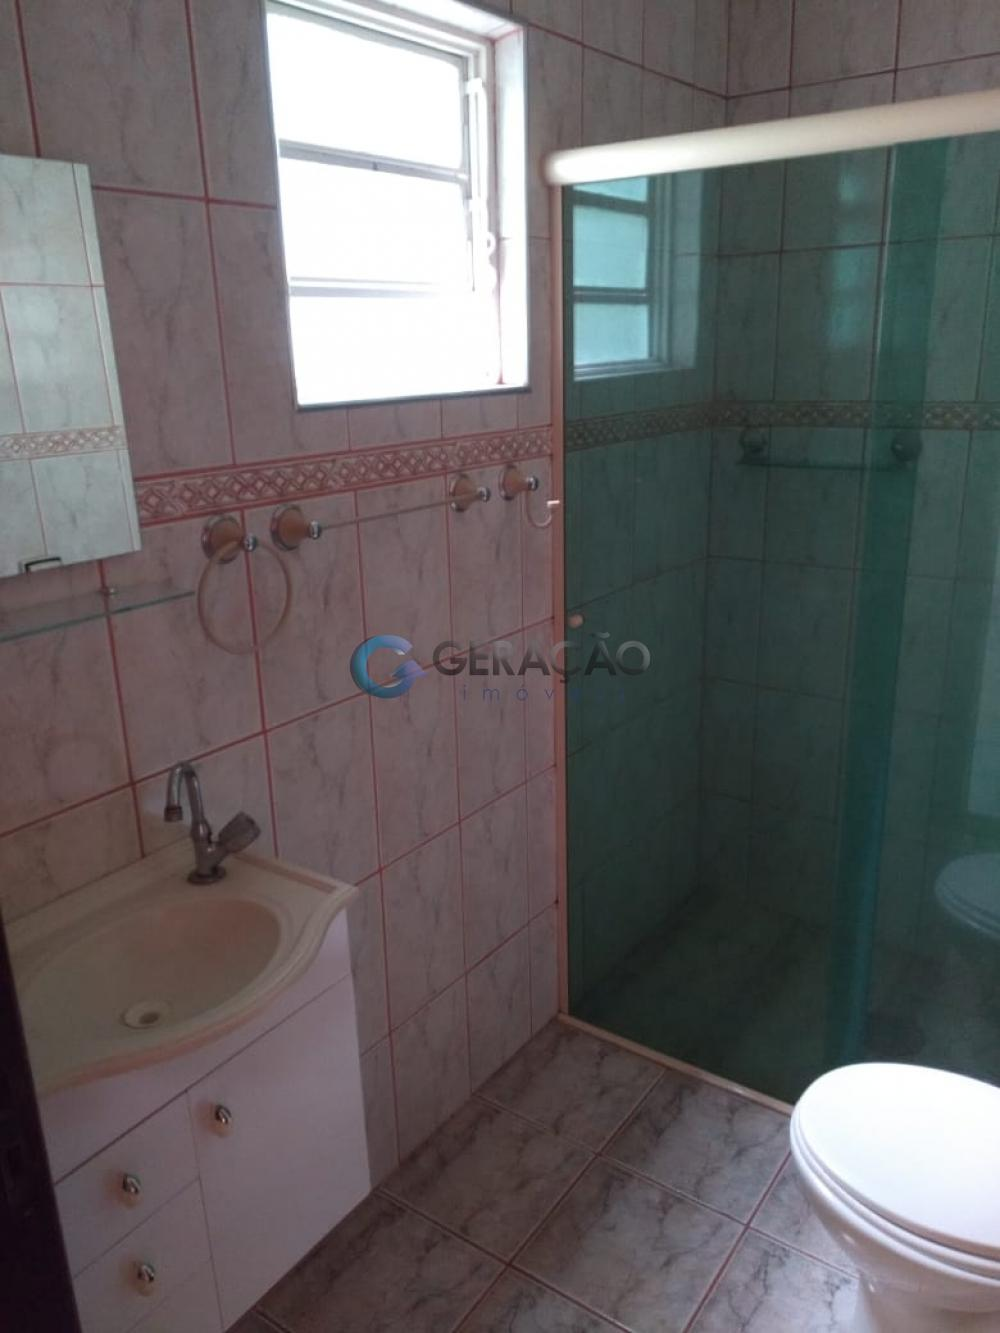 Comprar Casa / Padrão em São José dos Campos apenas R$ 215.000,00 - Foto 15